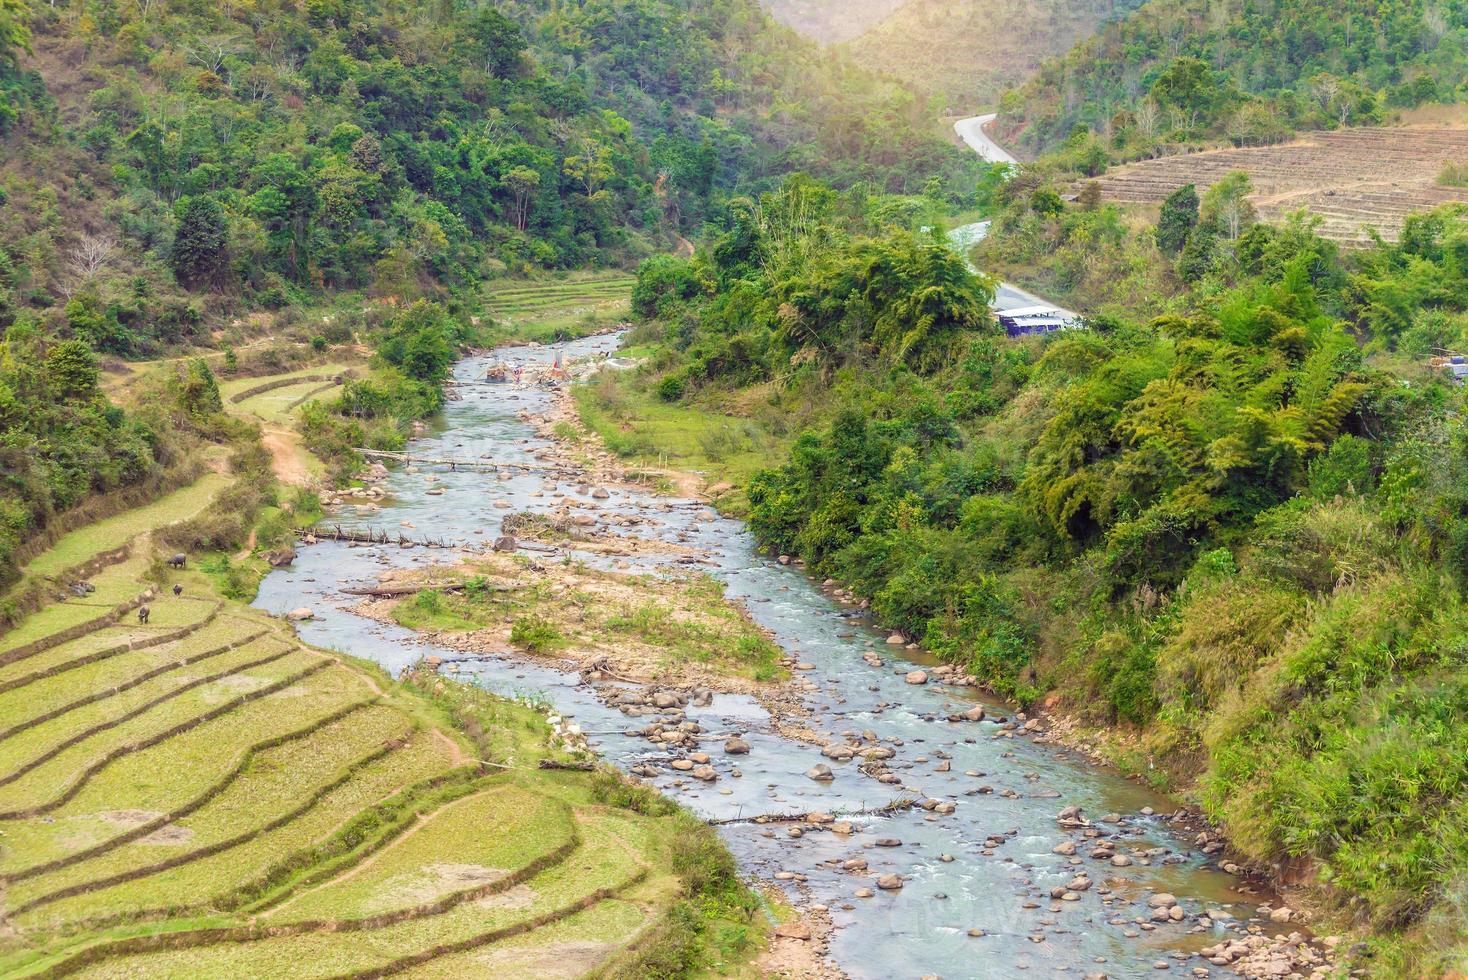 schöne Landschaft über terrassiertes Reisfeld mit Fluss in myan foto